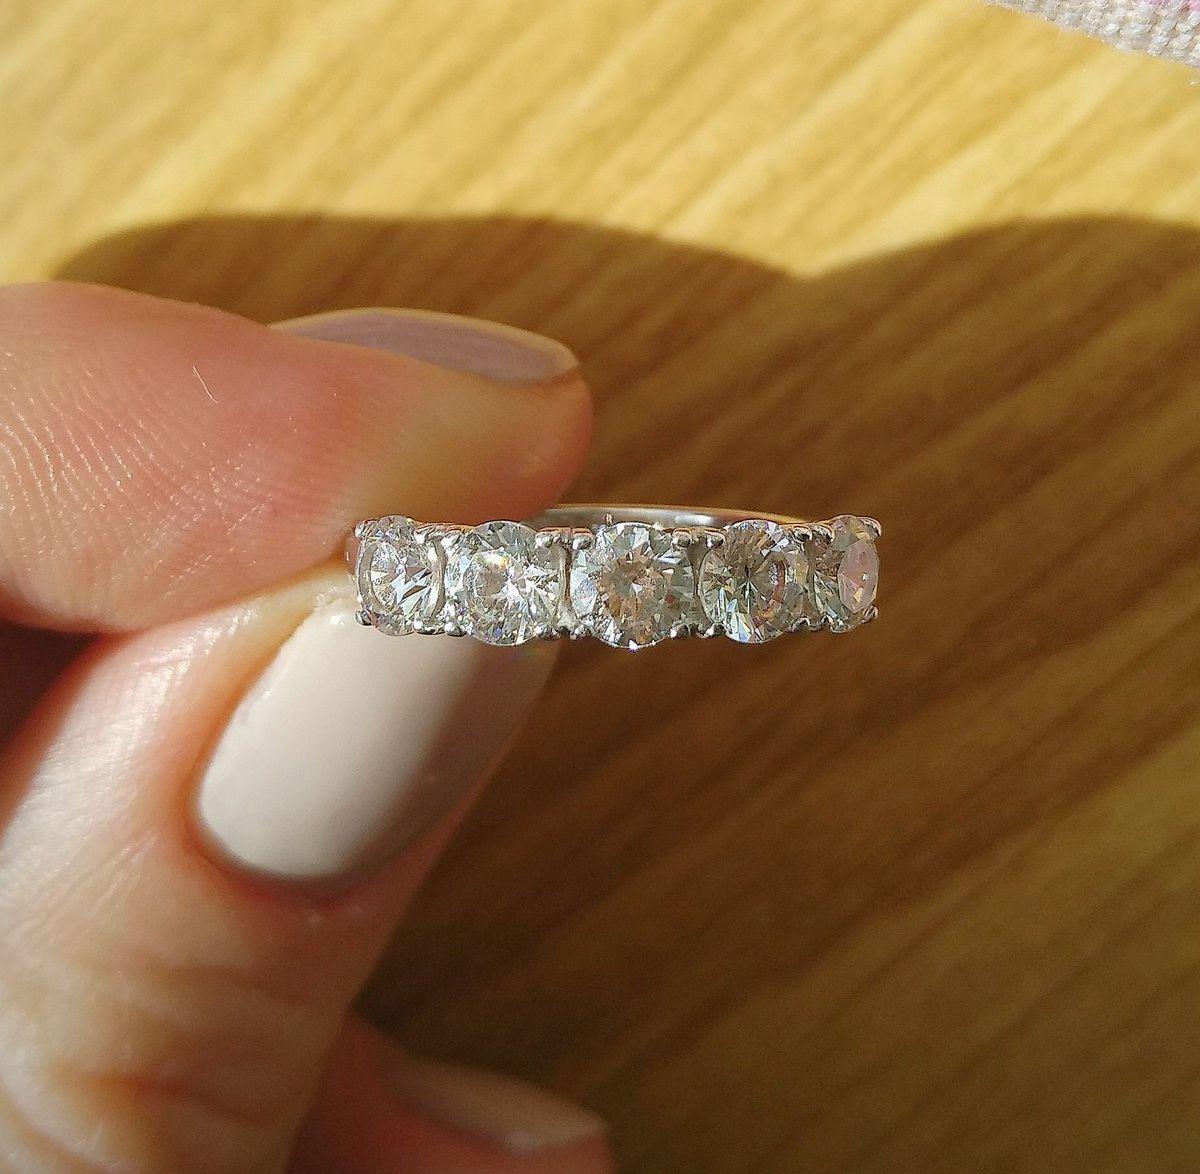 Качественное недорогое кольцо. Ношу уже год.